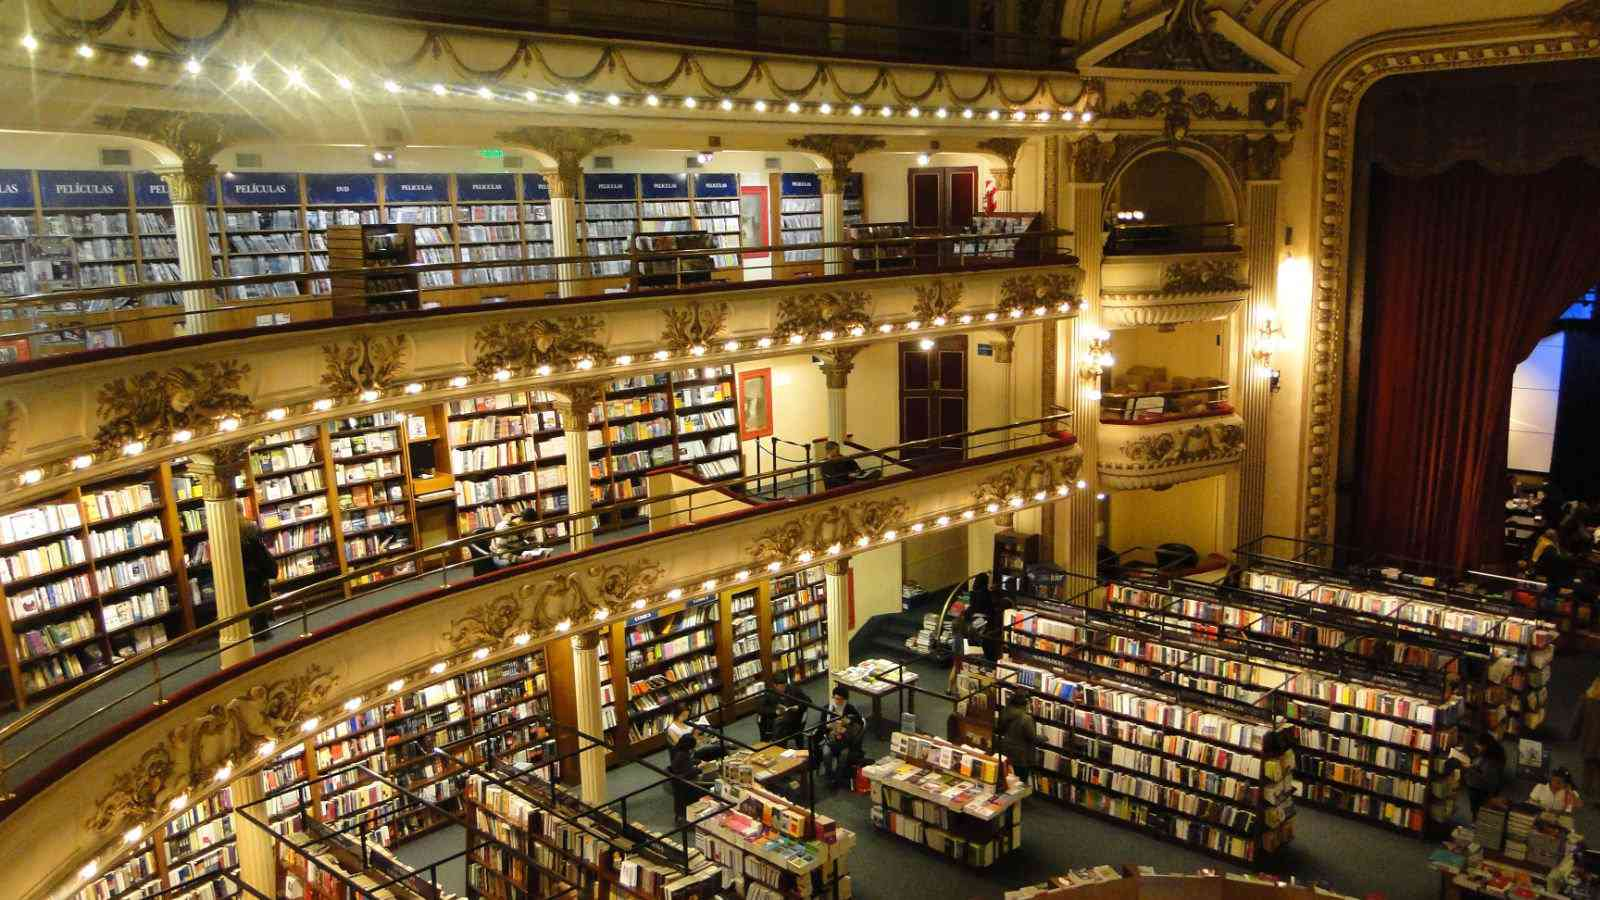 el ateneu 021 A livraria mais estranha do mundo que só tem 1 livro pra vender